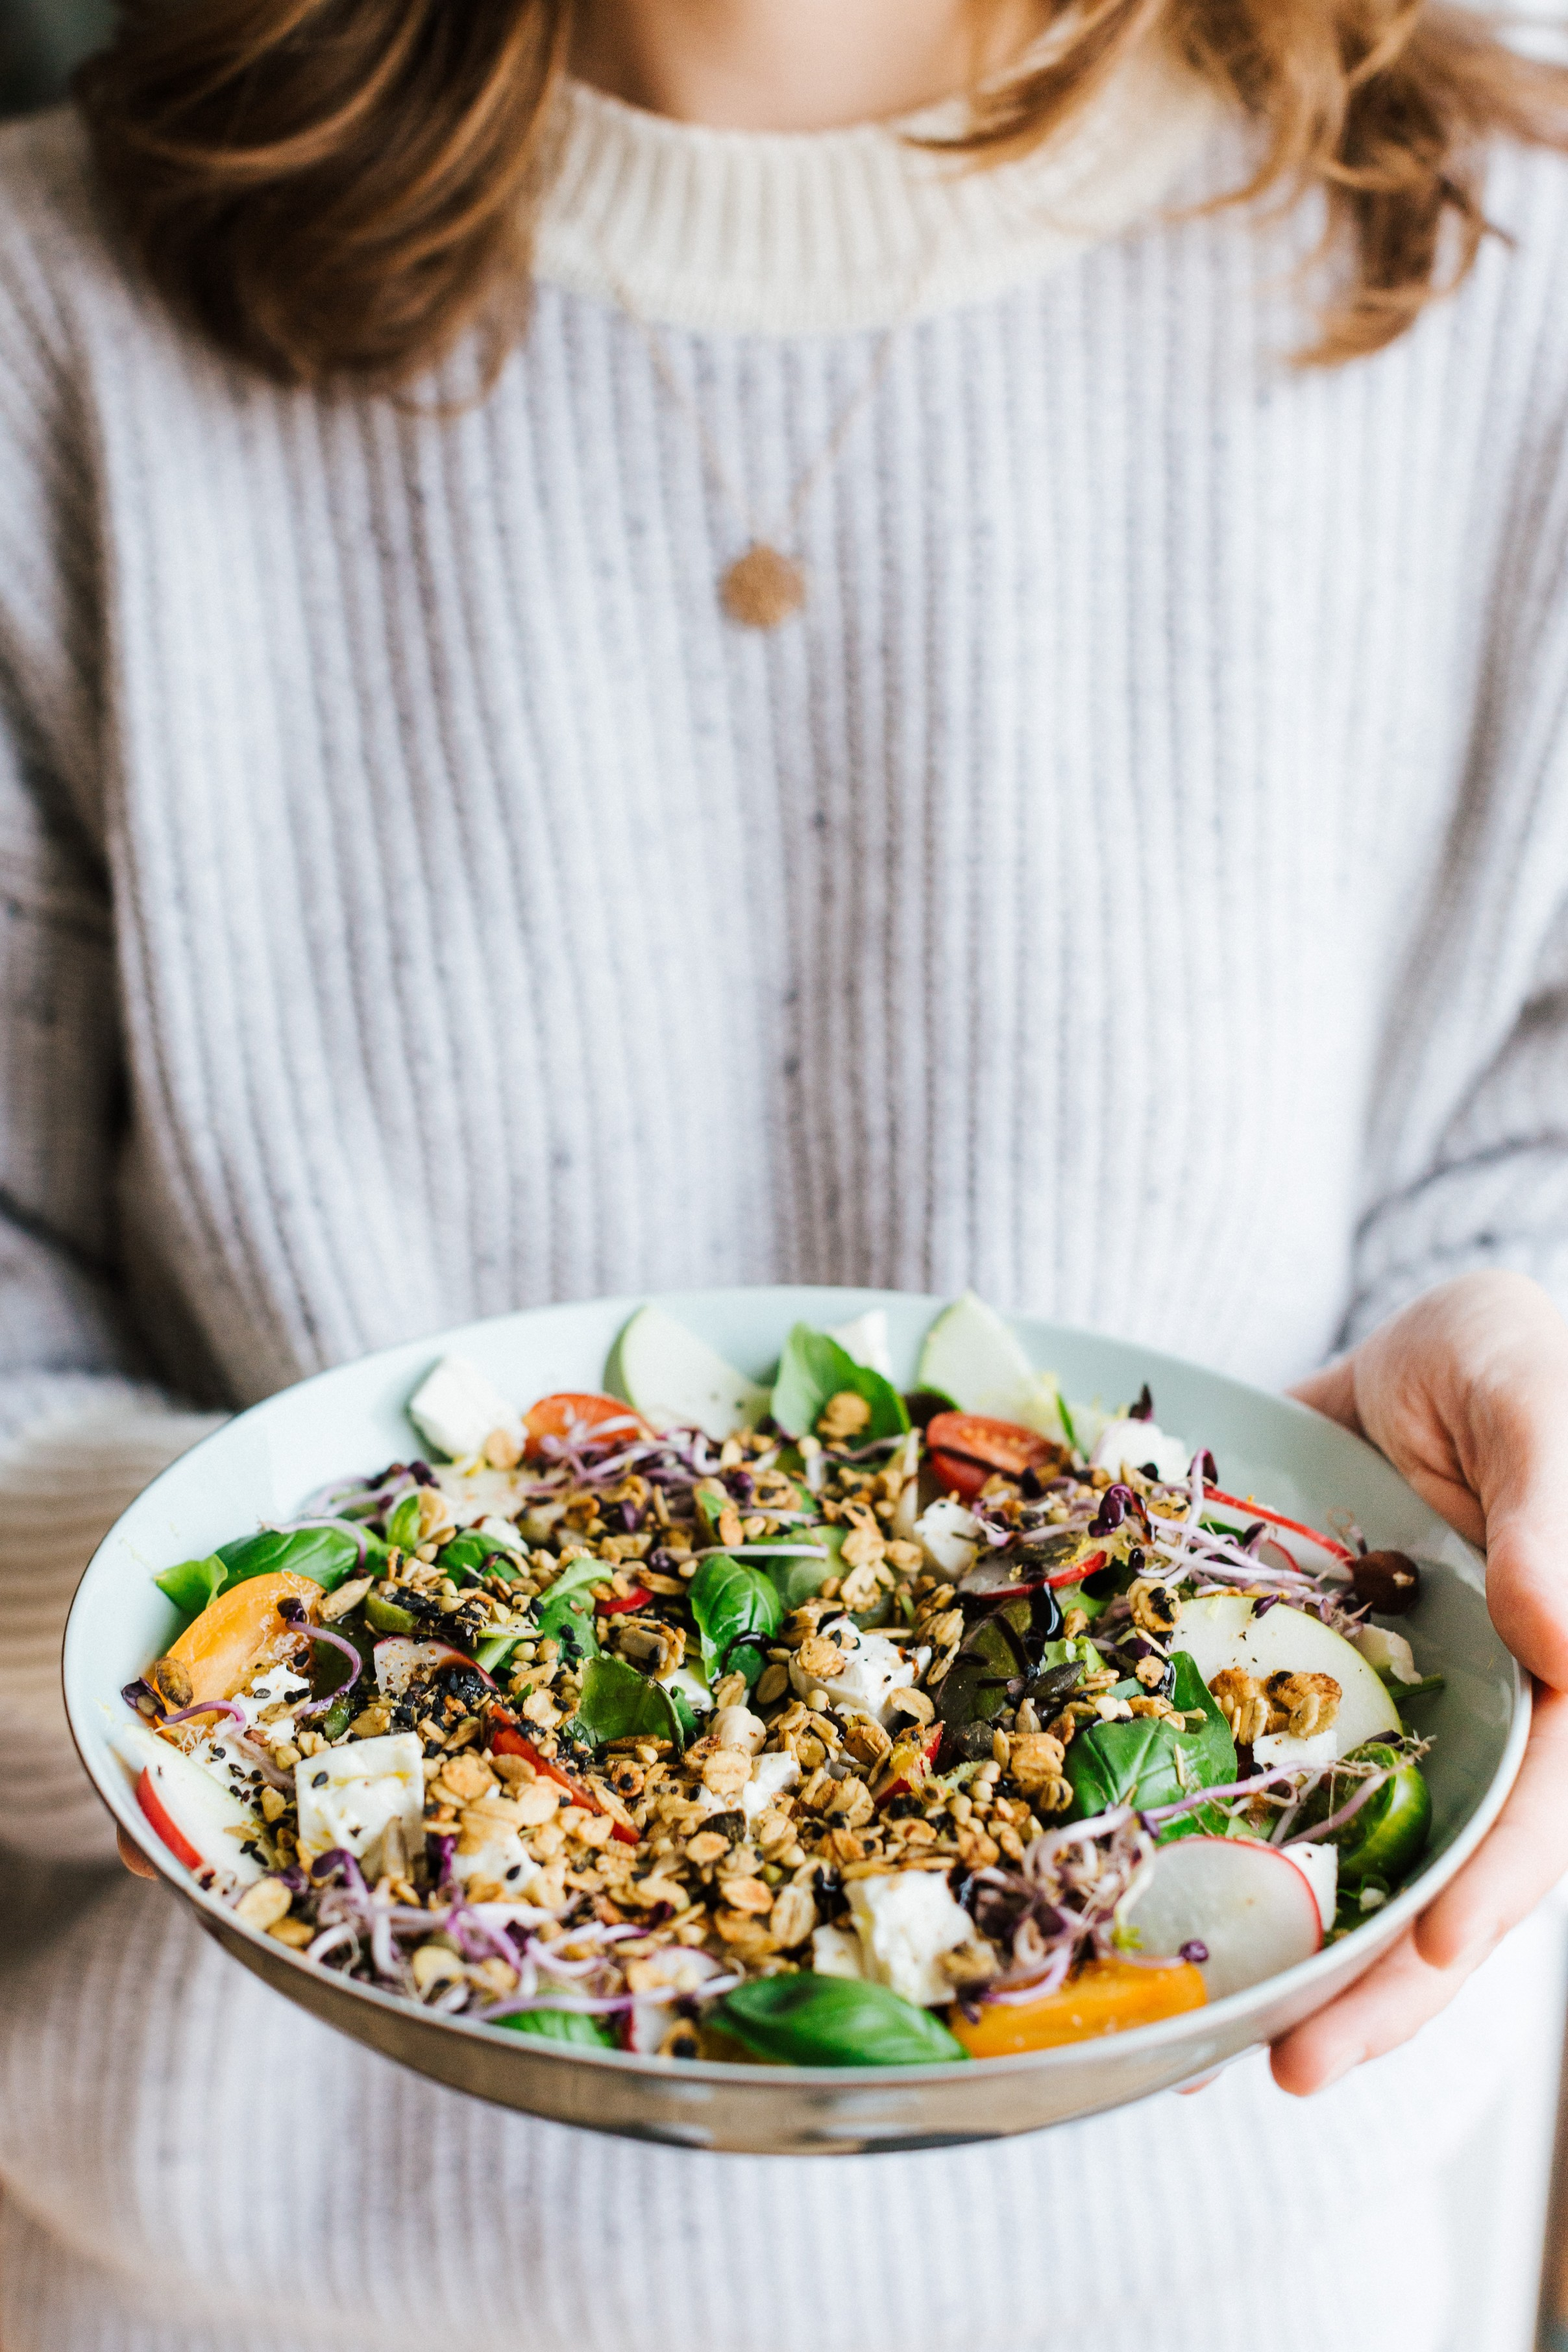 Saines, surprenantes etsalées: nos recettes au granola préférées - 3